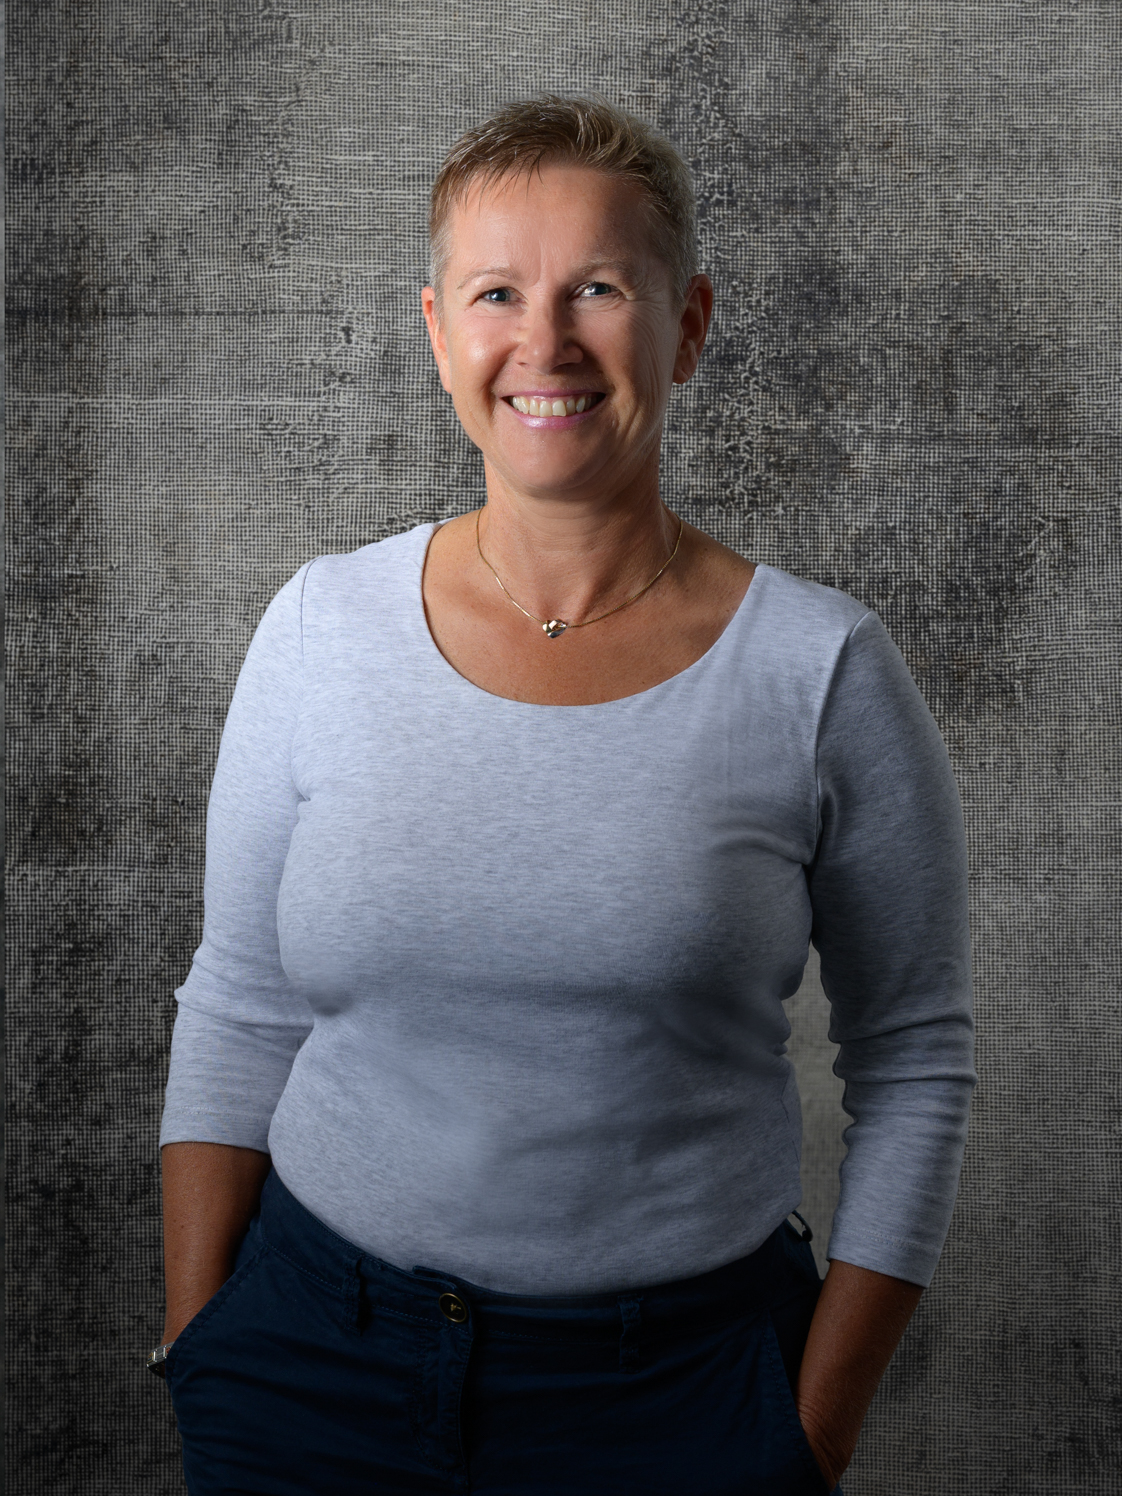 Heidemarie Weibold